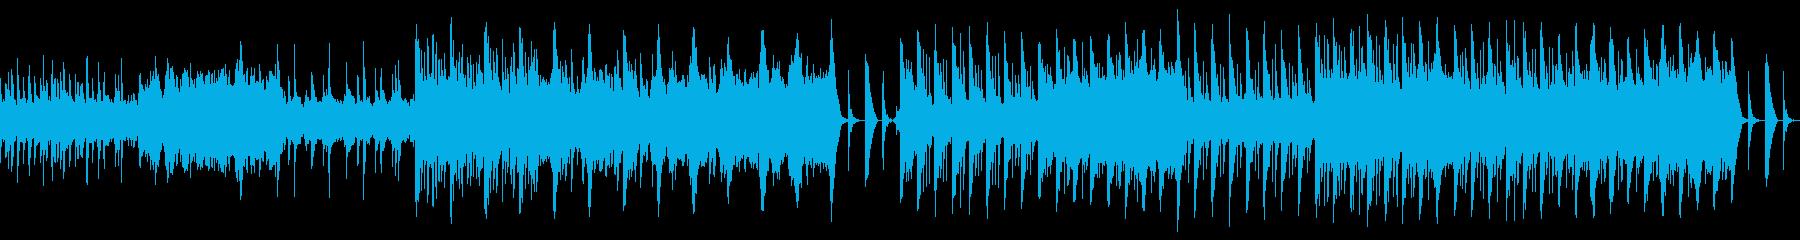 幻想的でゆったりとした和風BGMの再生済みの波形